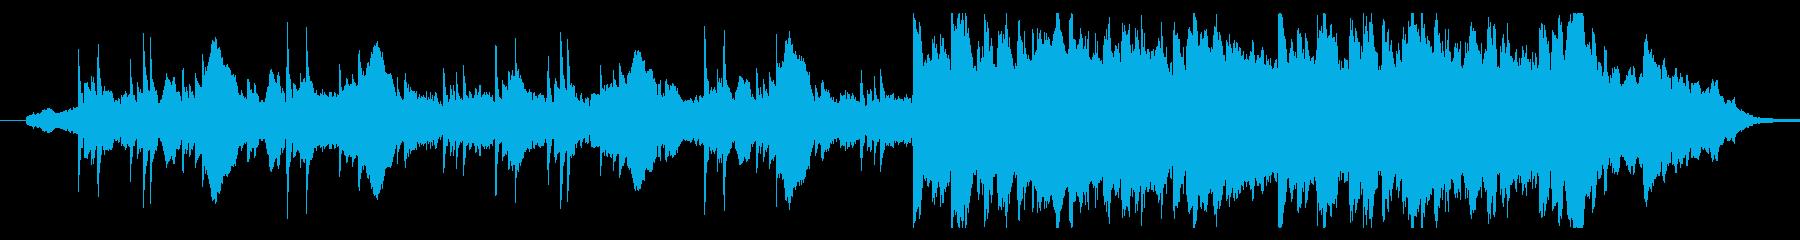 細く美しいしっとりしたピアノの曲の再生済みの波形